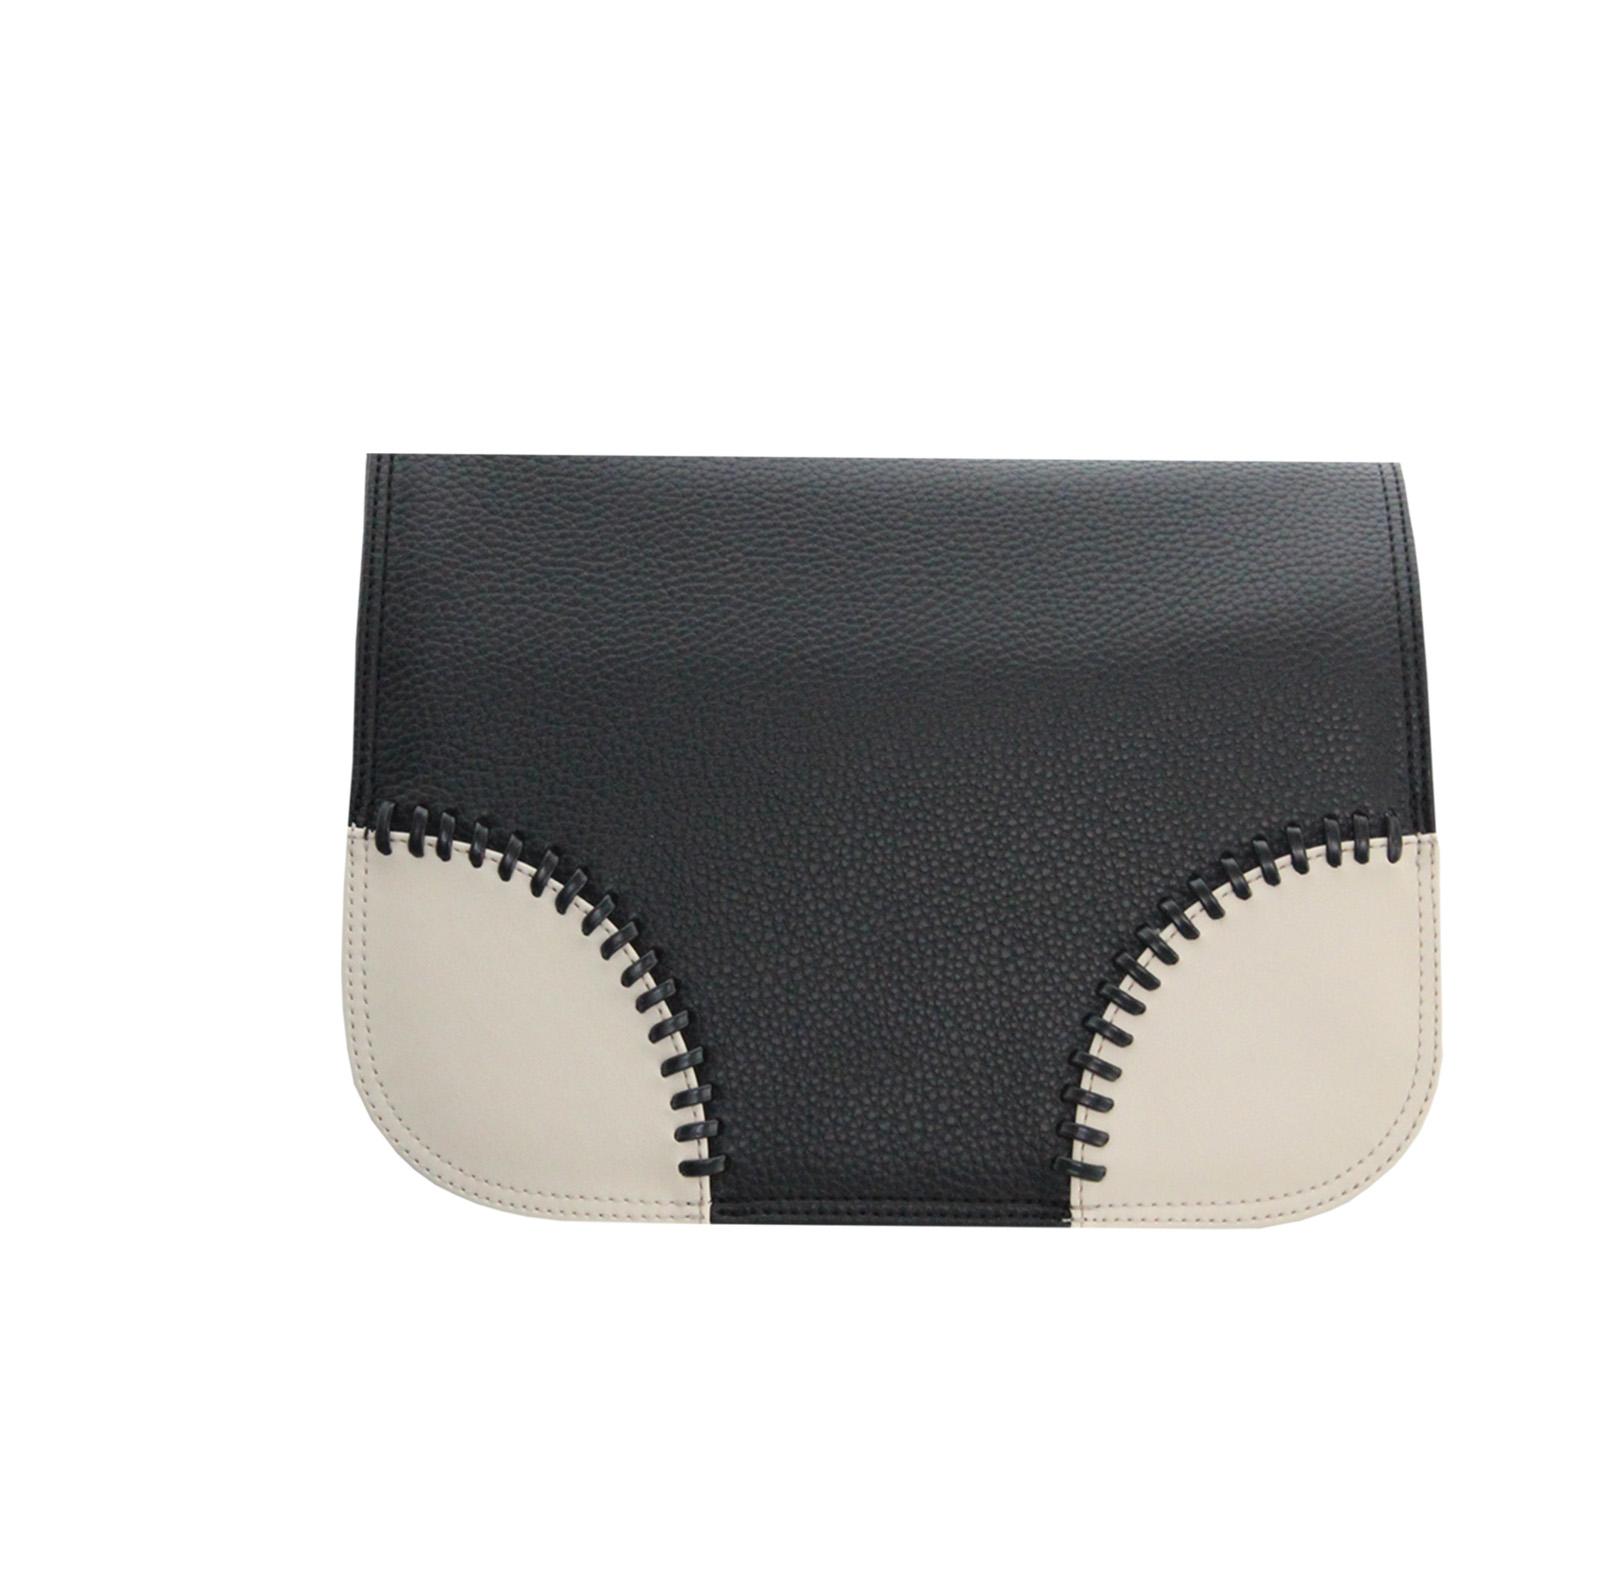 schwarzes Wechseldesign mit cremefarbenen Ecken für die Taschen von Delieta der Serie soft Bag